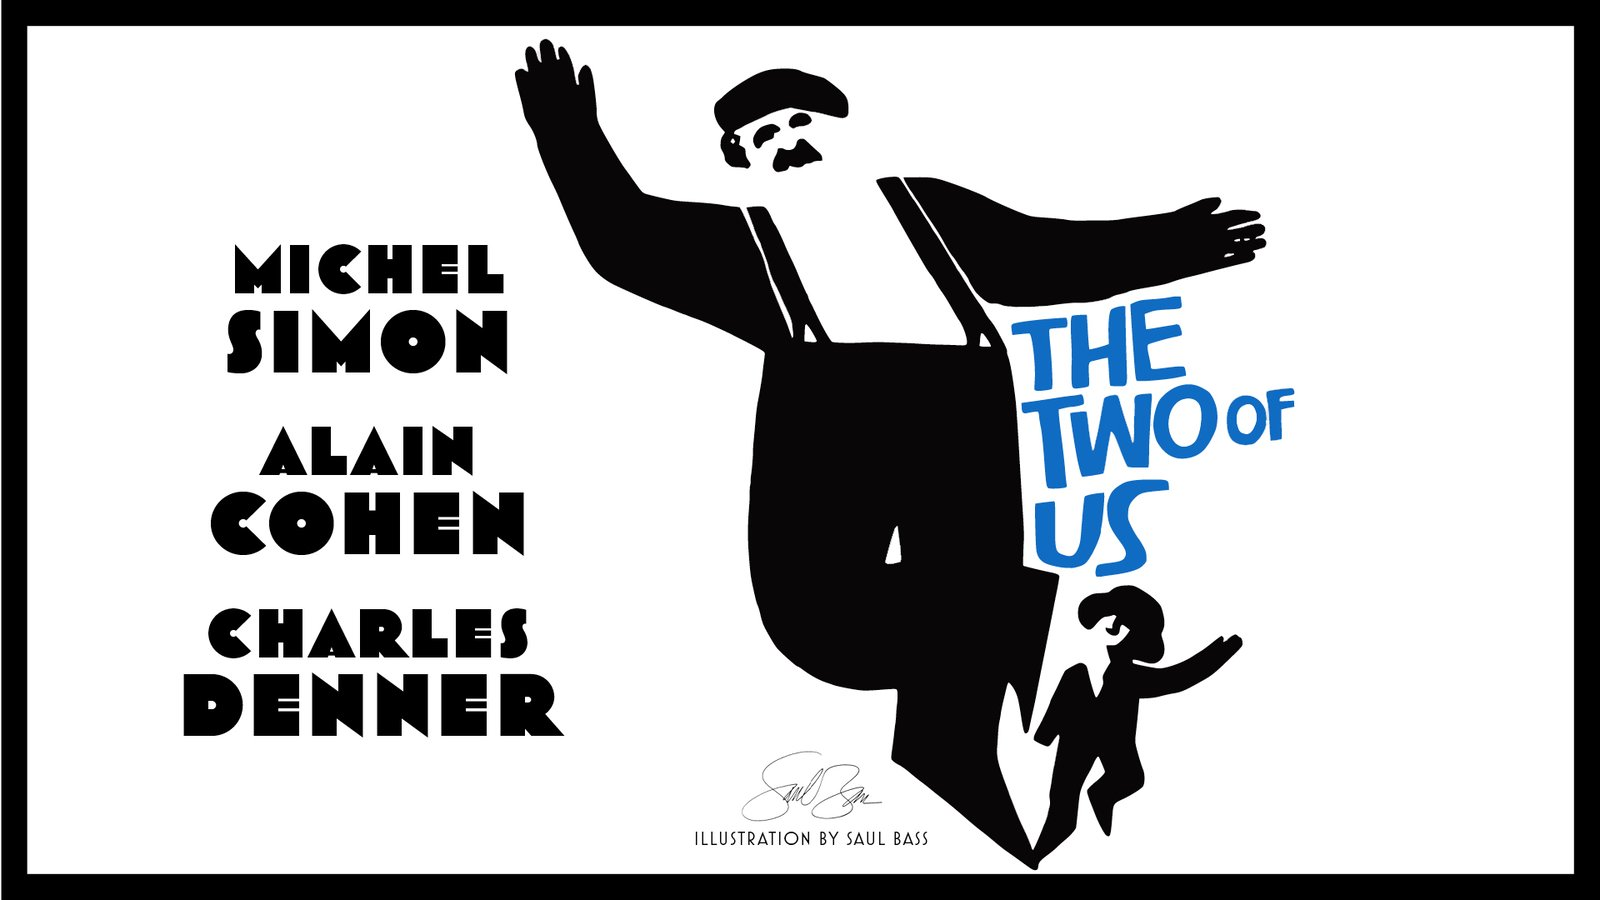 The Two of Us - Le vieil homme et l'enfant